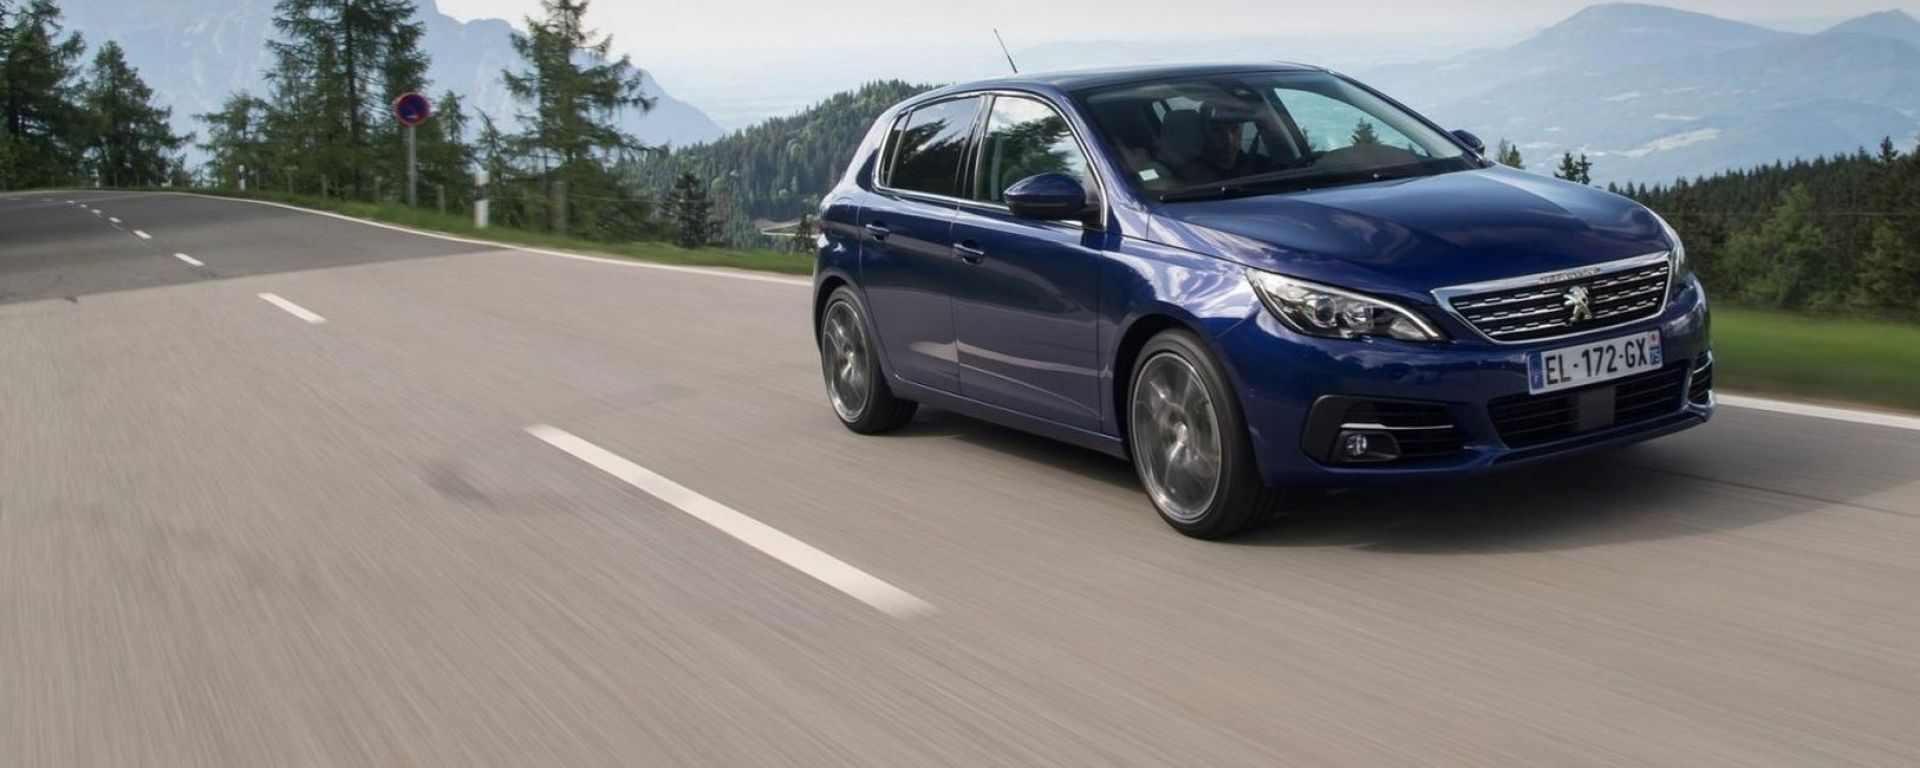 Peugeot 308 PureTech, ora con filtro GPF